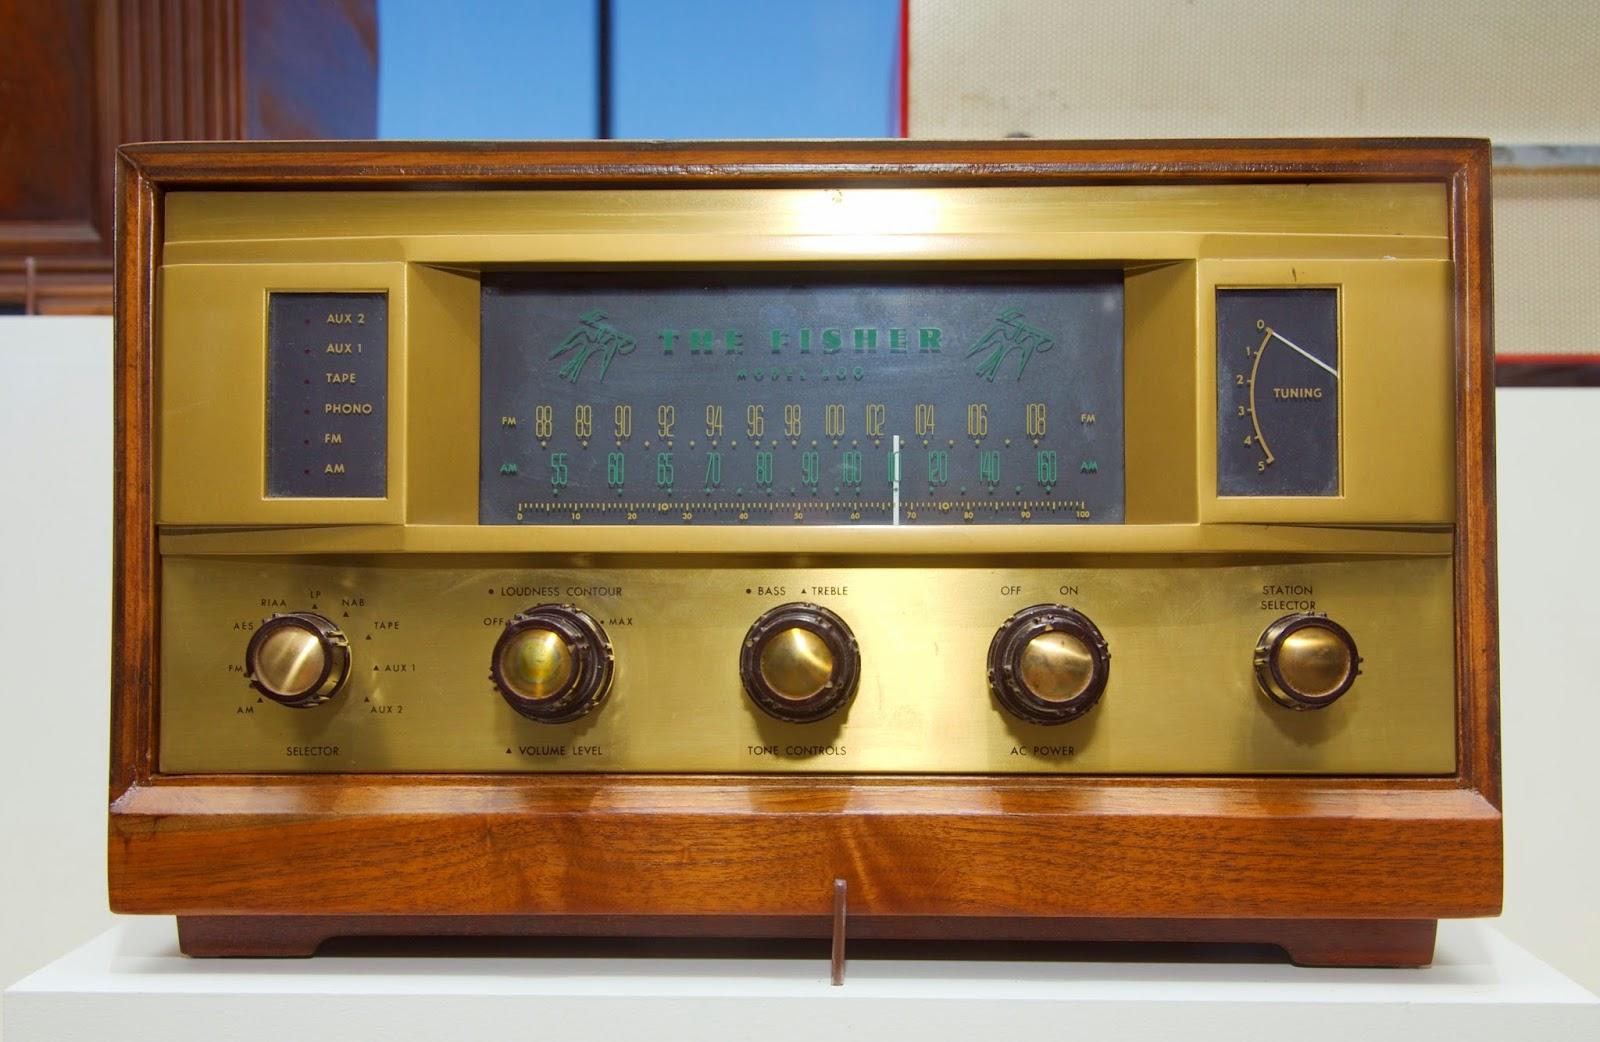 Sejarah Radio di Amerika Serikat, Penyiaran bahasa asing